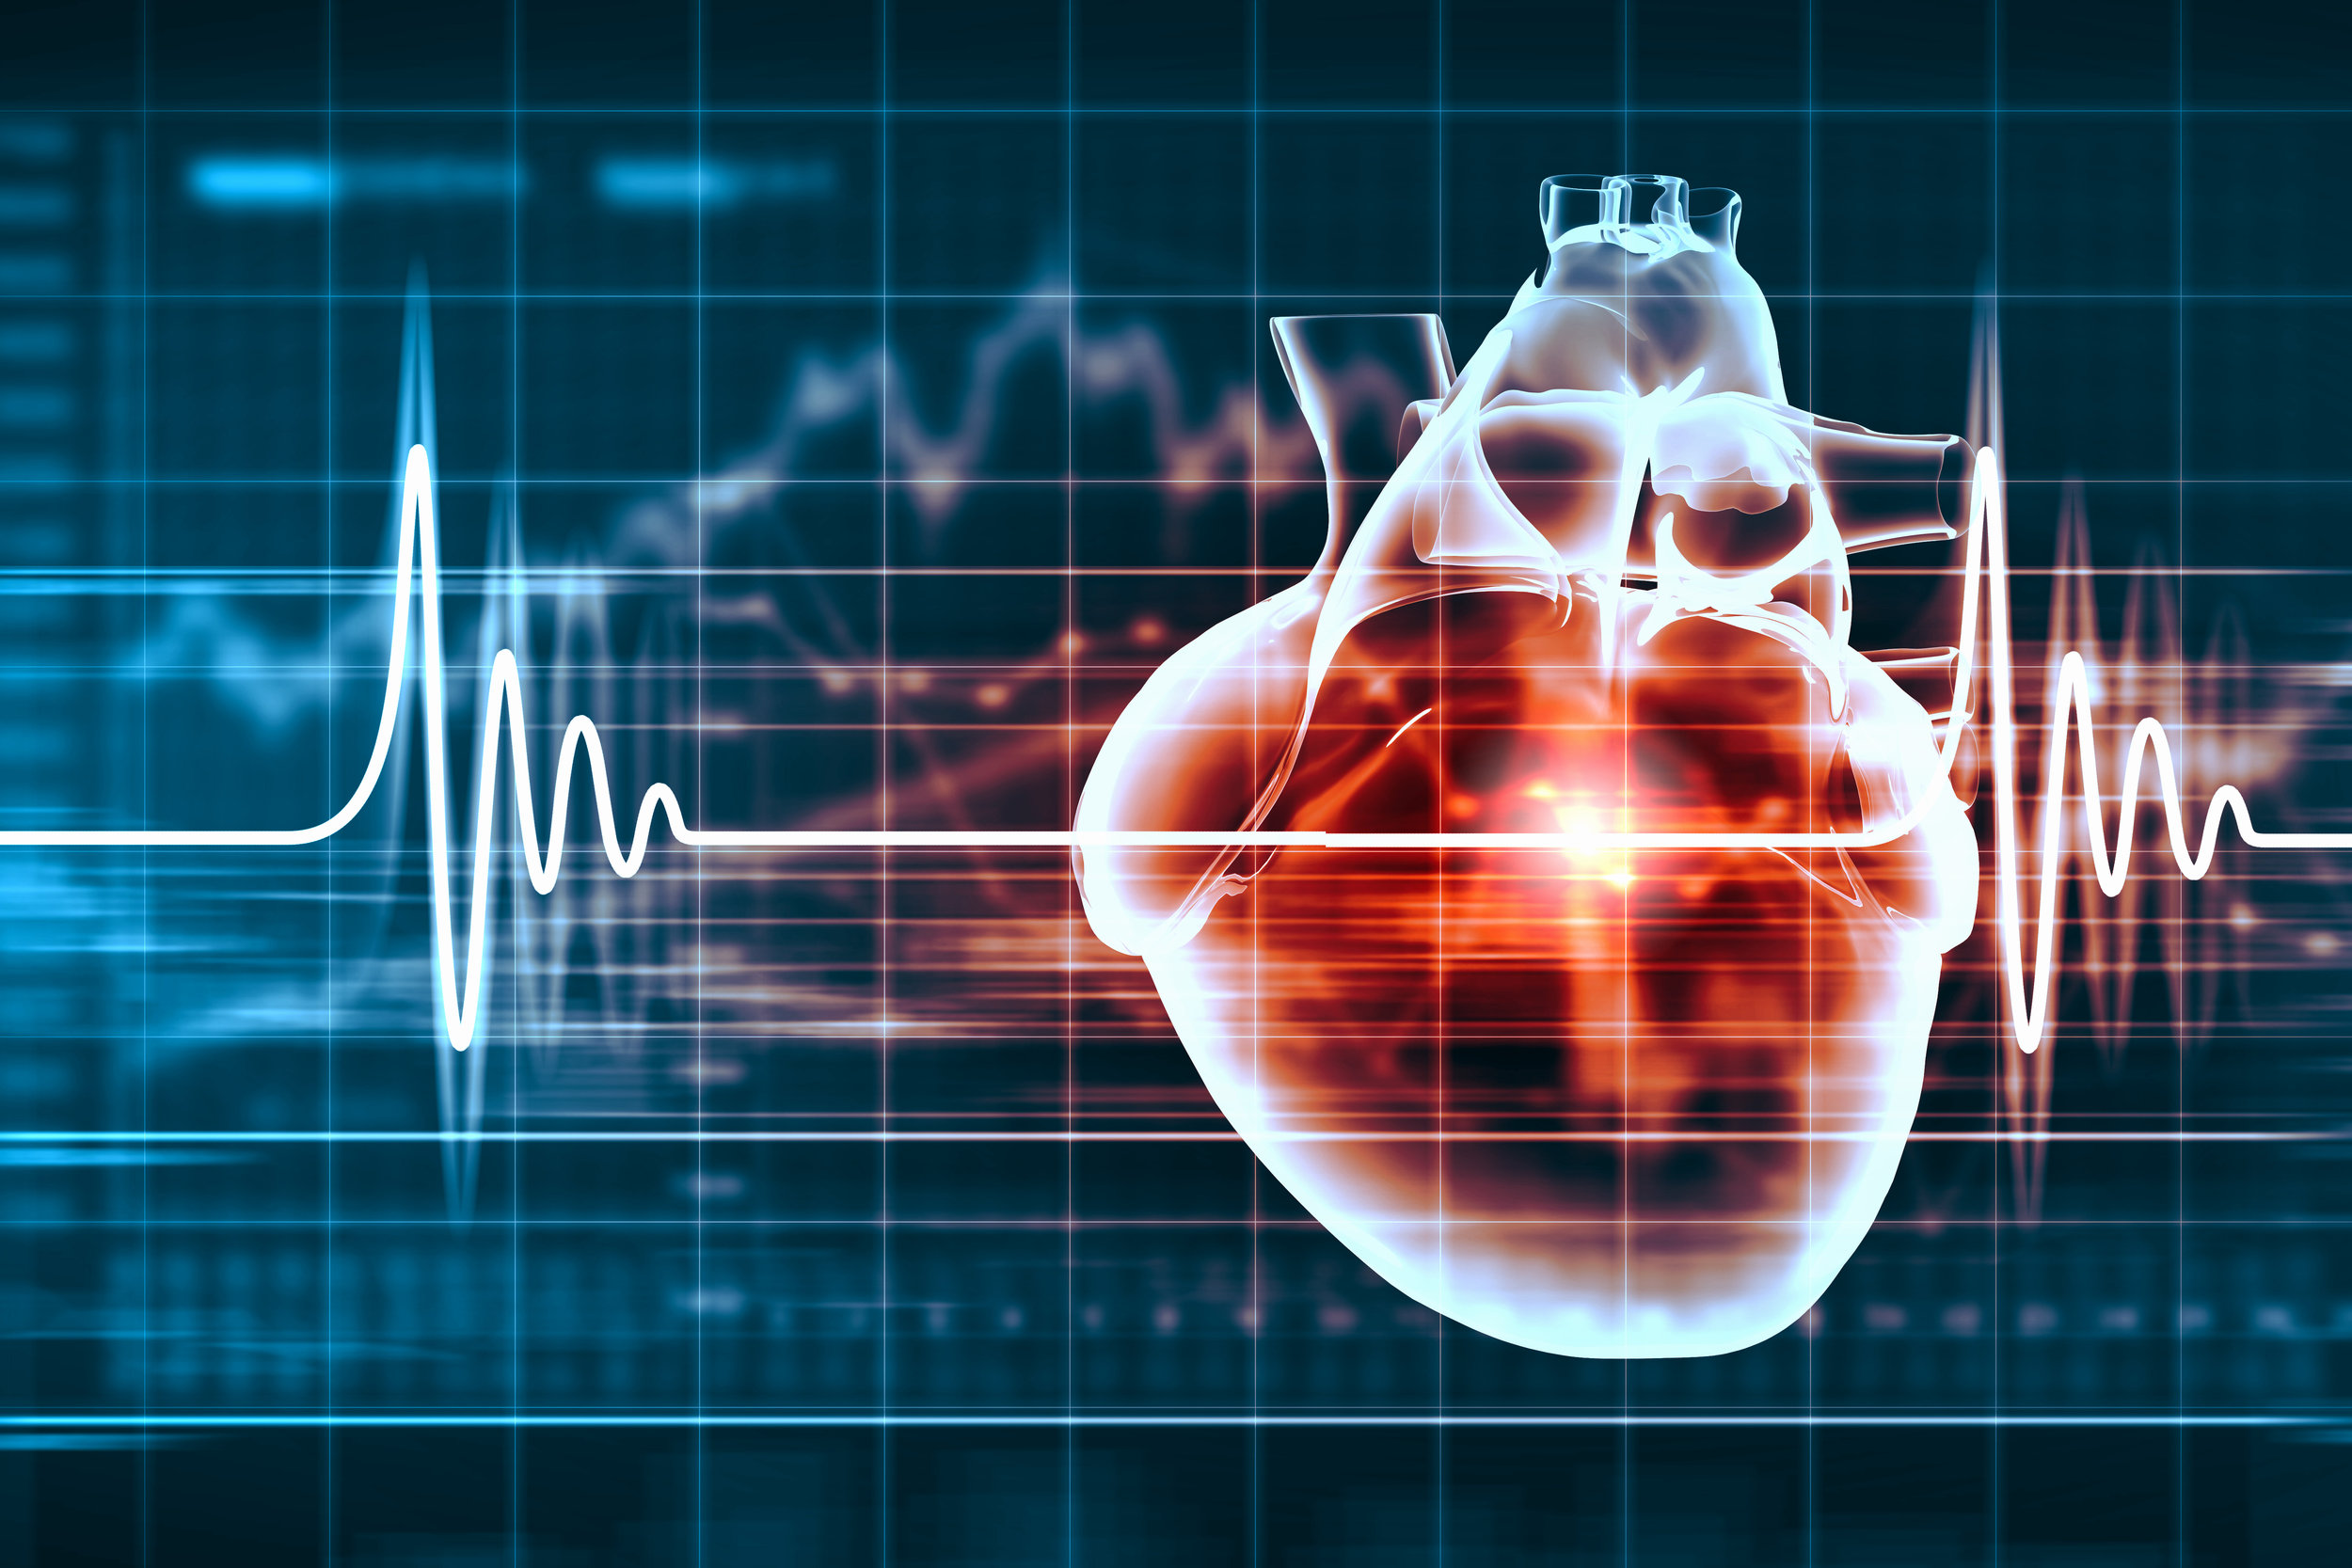 Cardiologia - Este curso tem como pré-requisito ter completado residência médica ou pós-graduação em Clínica Médica. As aulas acontecem…